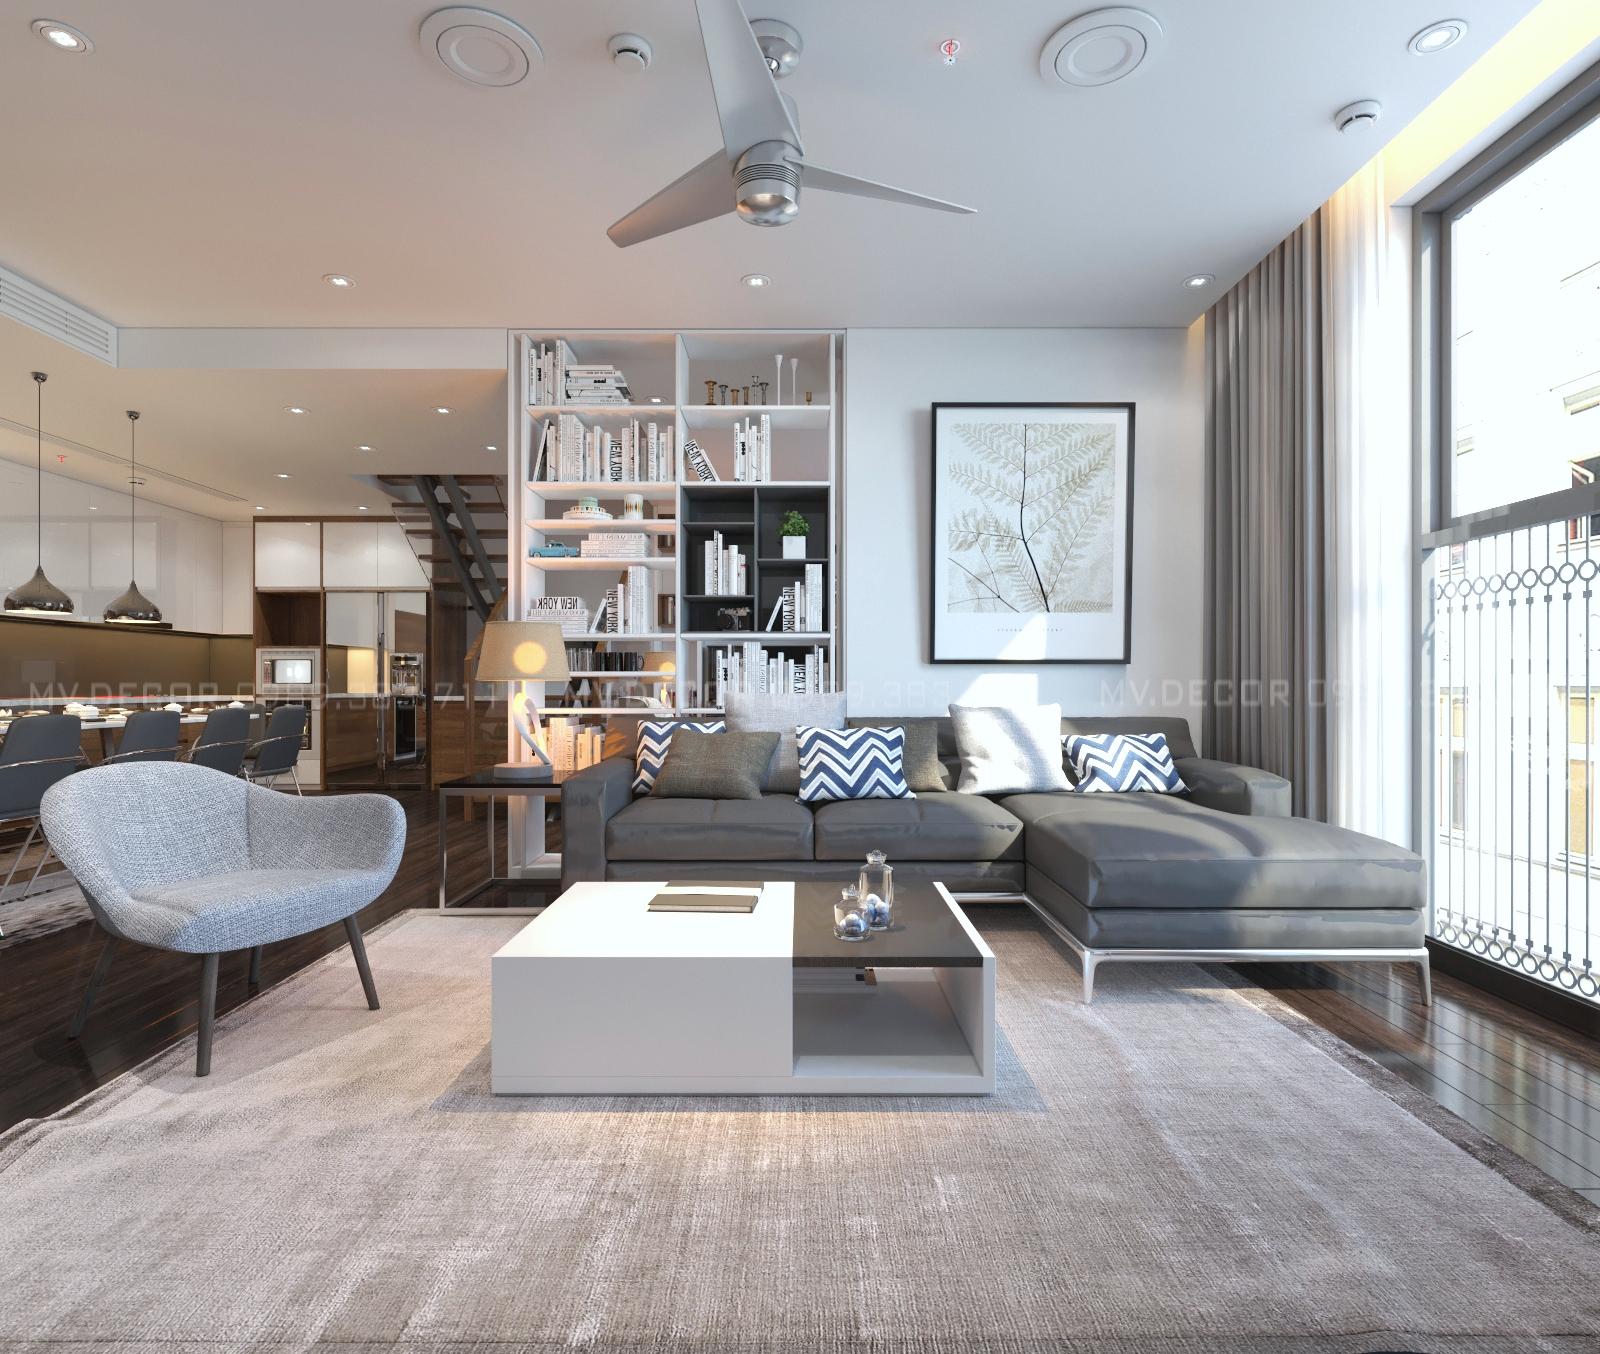 thiết kế nội thất chung cư tại Hà Nội duplex tân hoàng minh hoàng cầu 7 1550072050